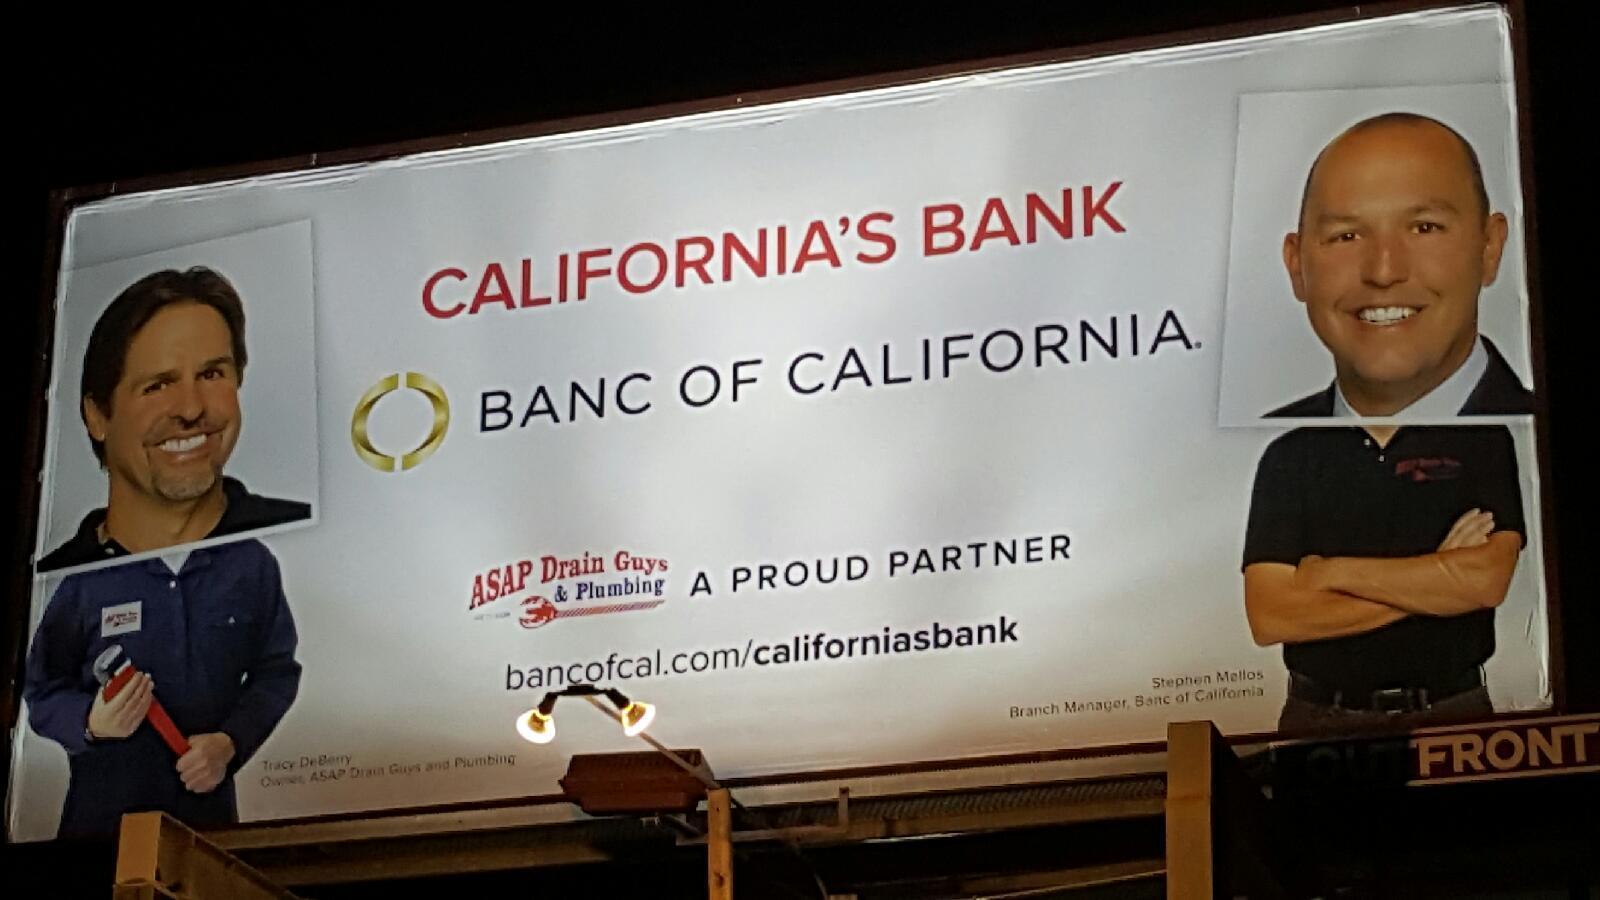 ASAP Plumbing Billboard